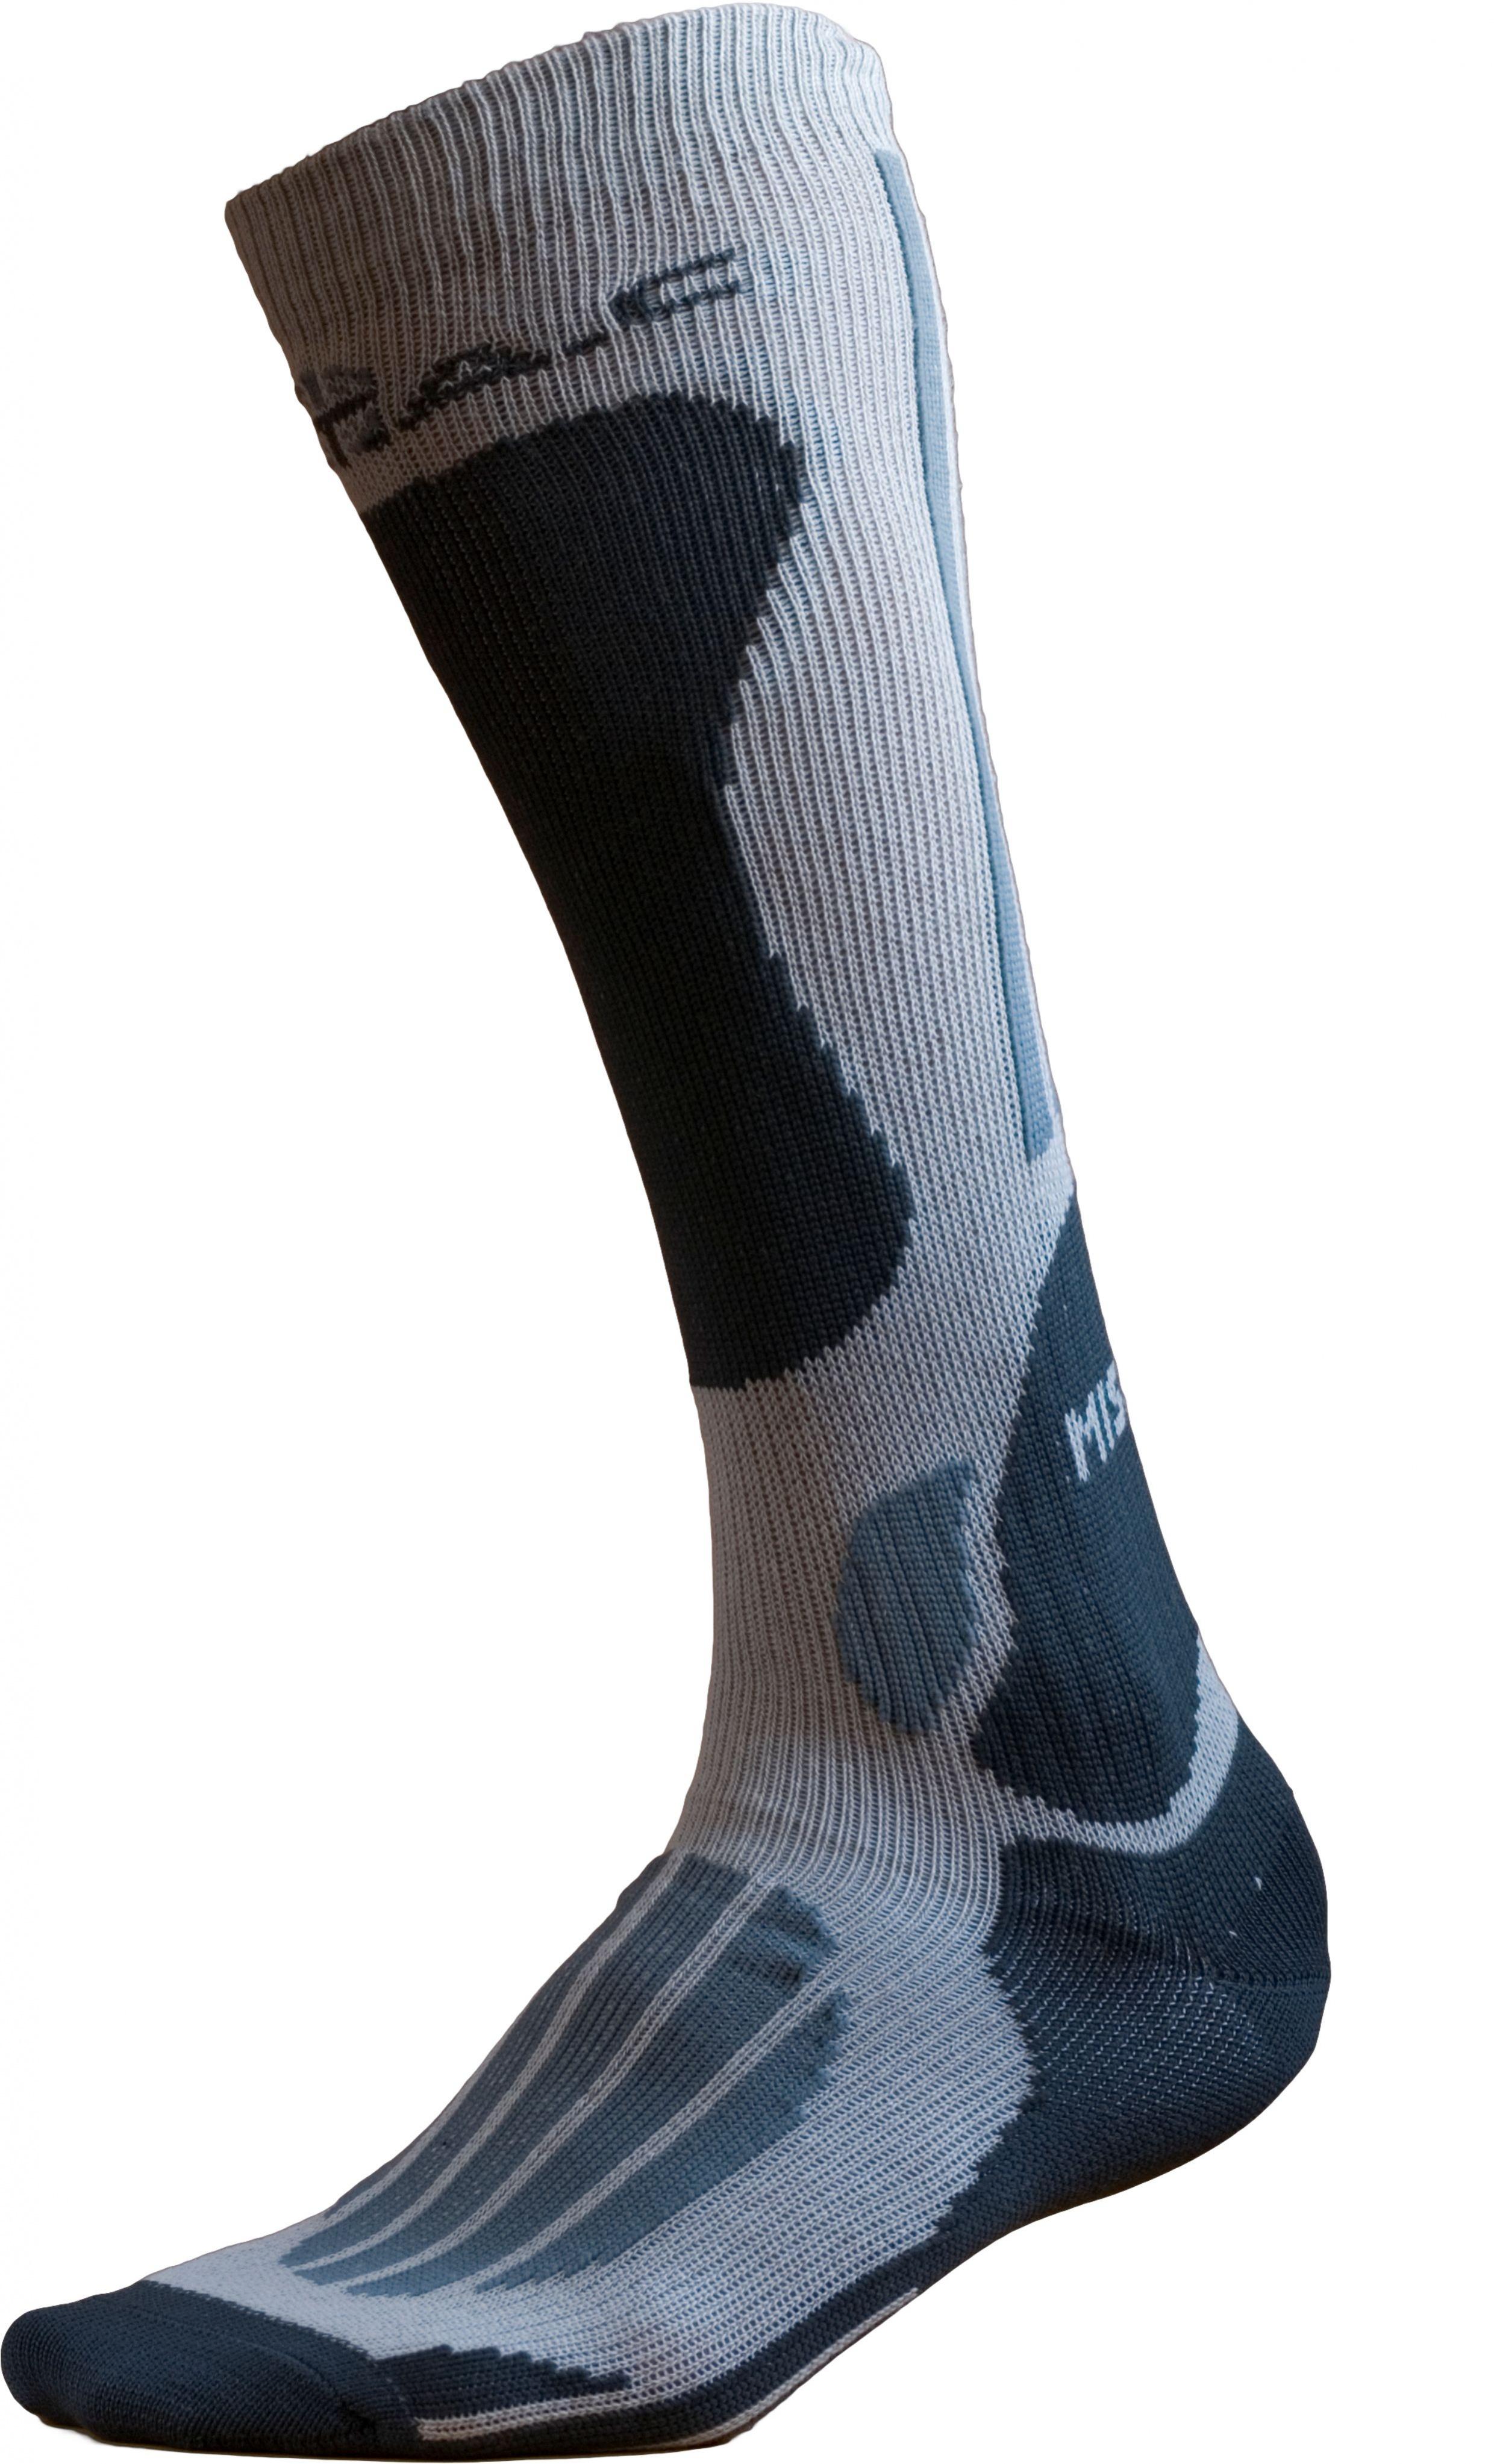 Ponožky BATAC Mission MI13 vel. 42-43 - grey